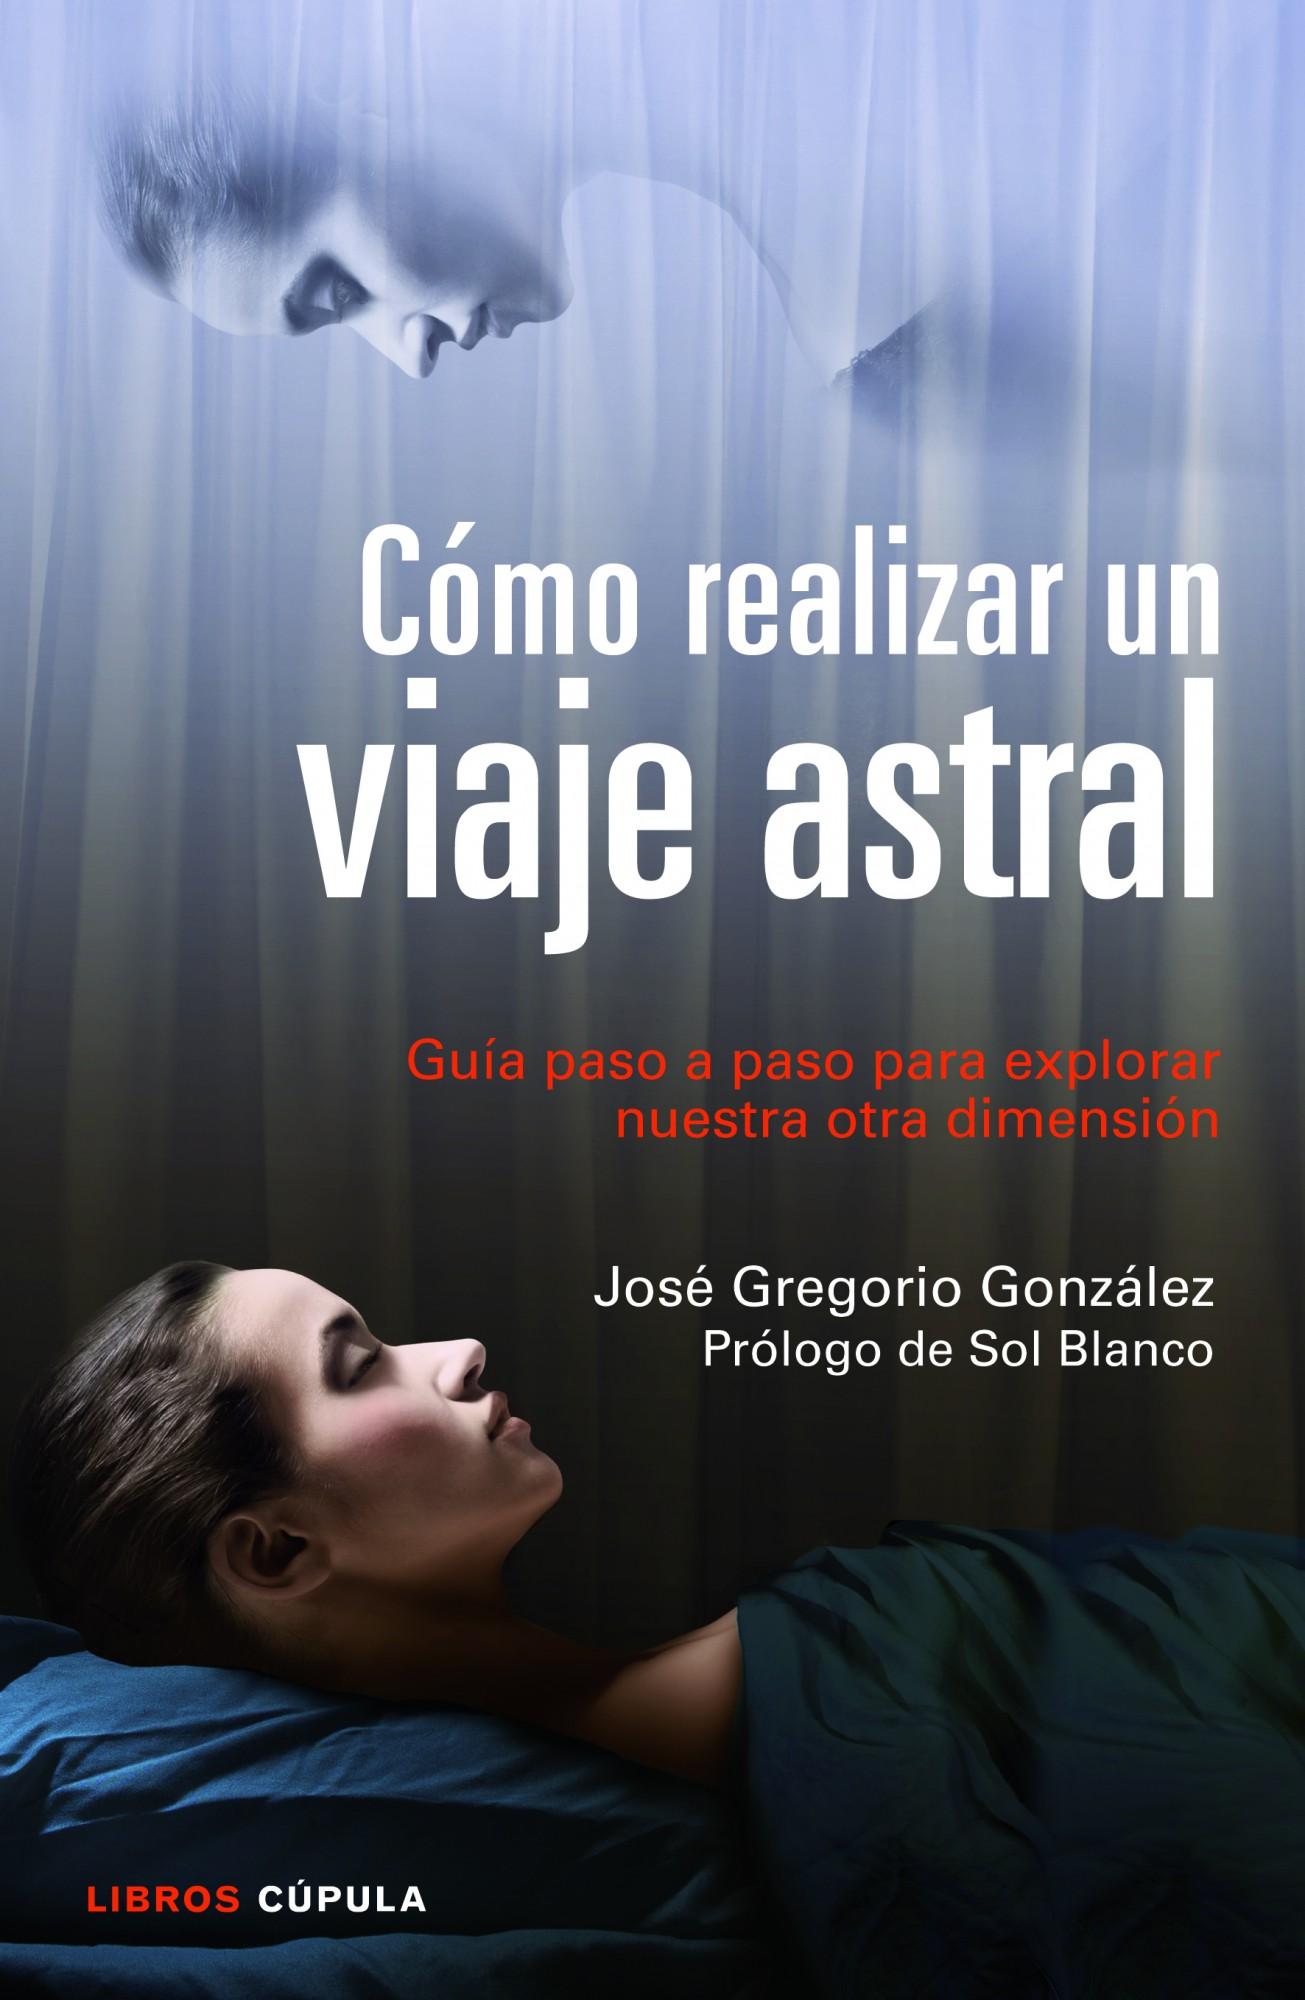 Como Realizar Un Viaje Astral: Guia Paso A Paso Para Explorar Nue Stra Otra Dimension por Jose Gregorio Gonzalez